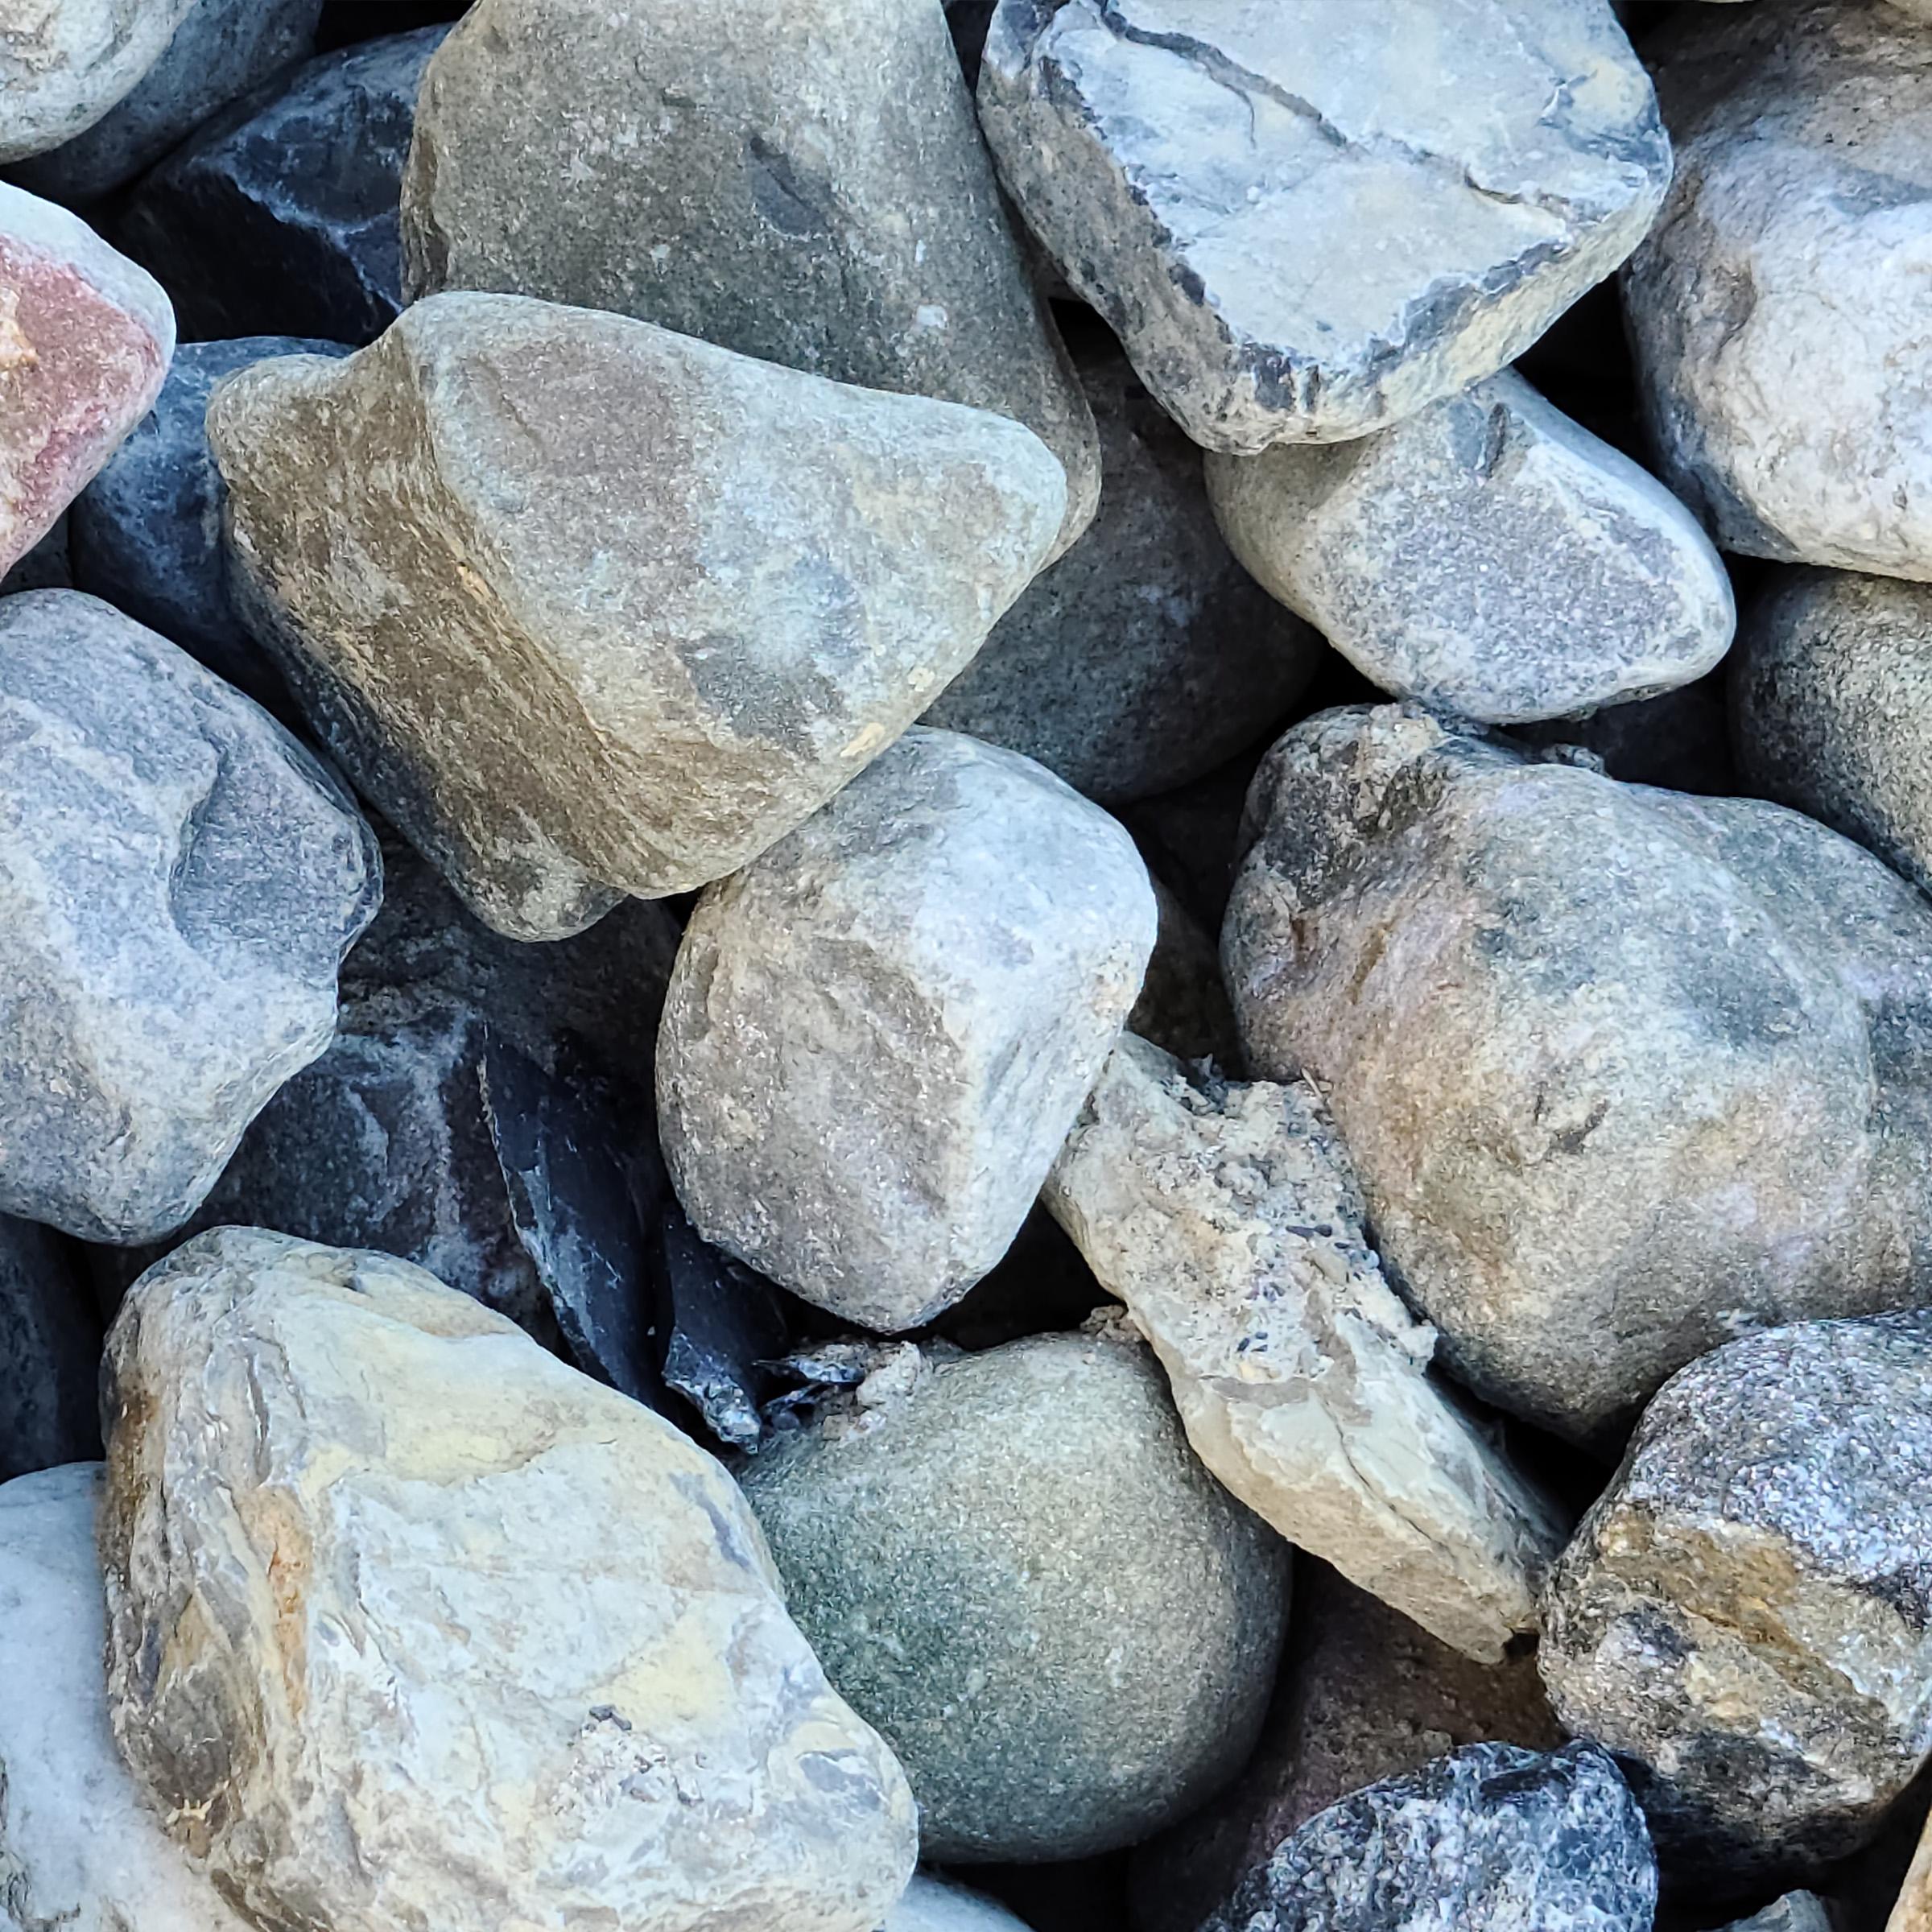 3-5 inch River Rocks in Delaware